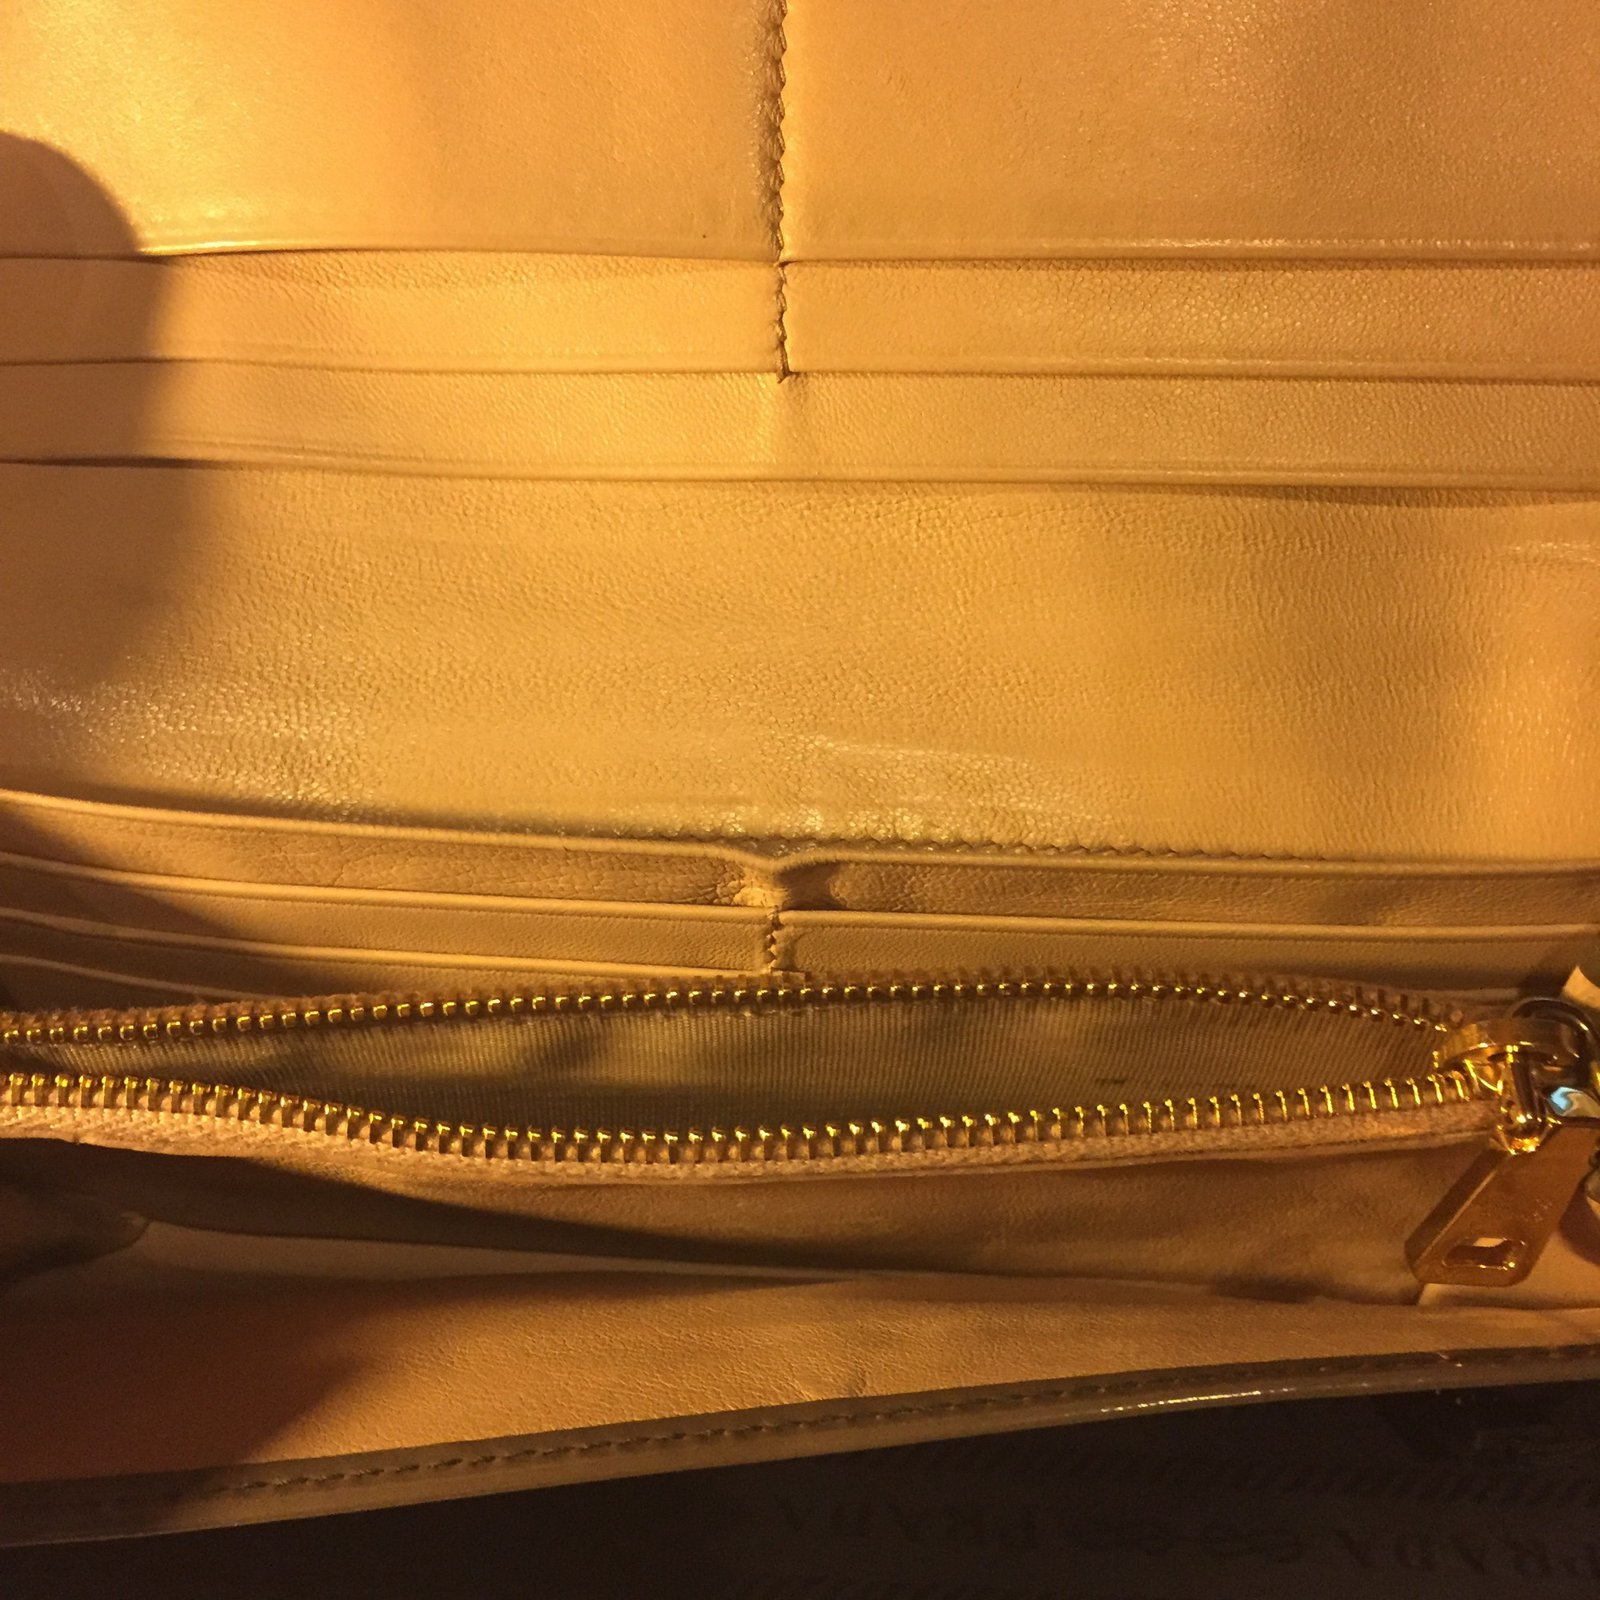 ea9cc8d2e5 Prada wallet Wallets Patent leather Olive green ref.73456 - Joli Closet